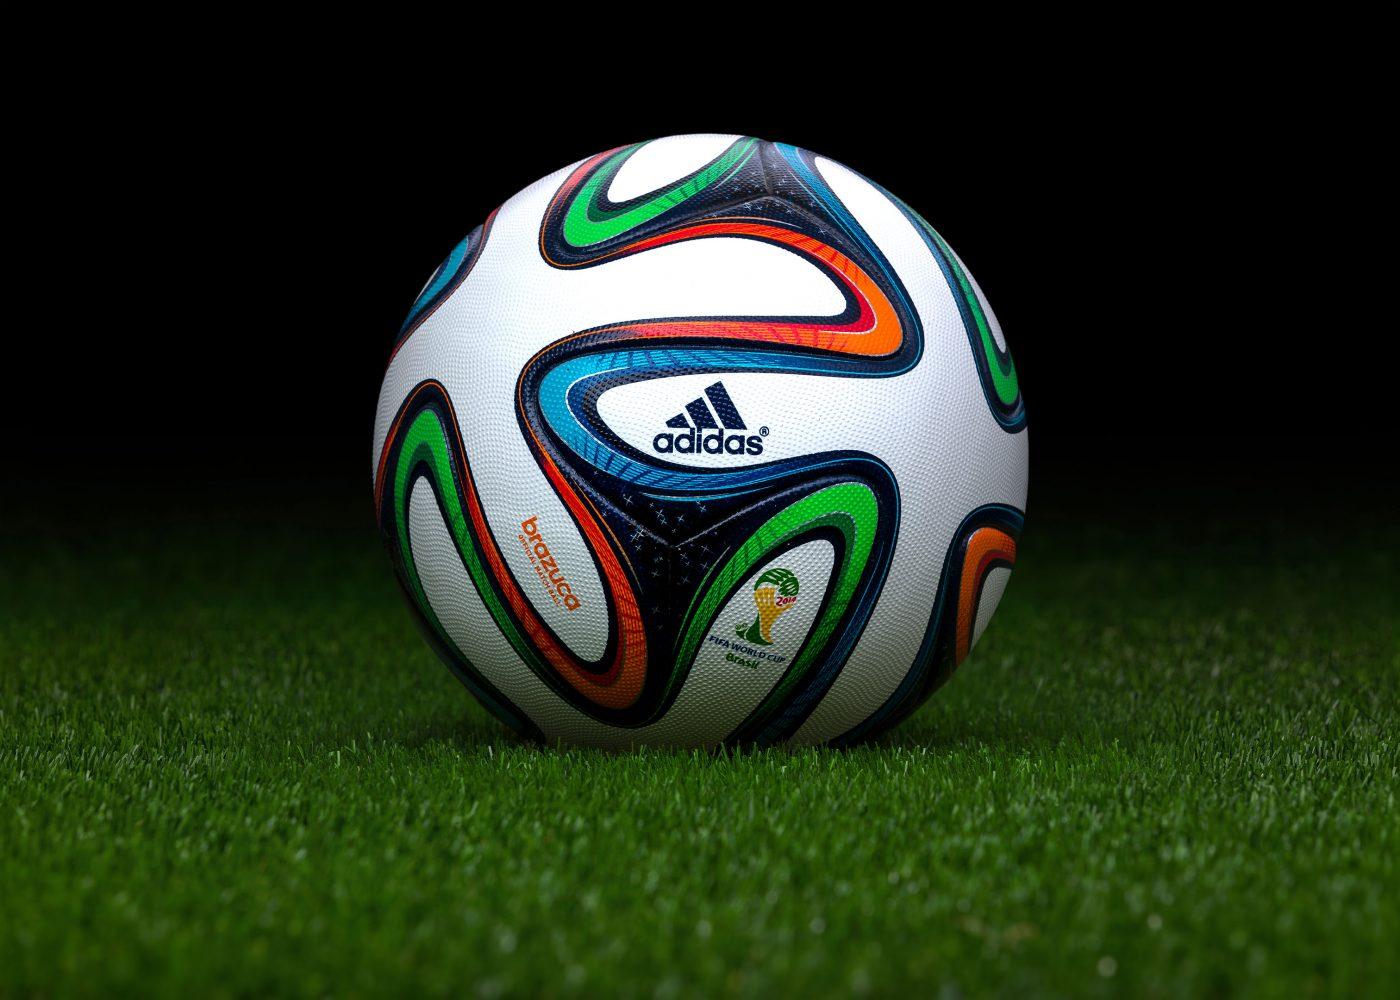 Retour sur un demi-siècle FIFA - adidas Brazuca Brésil 2014